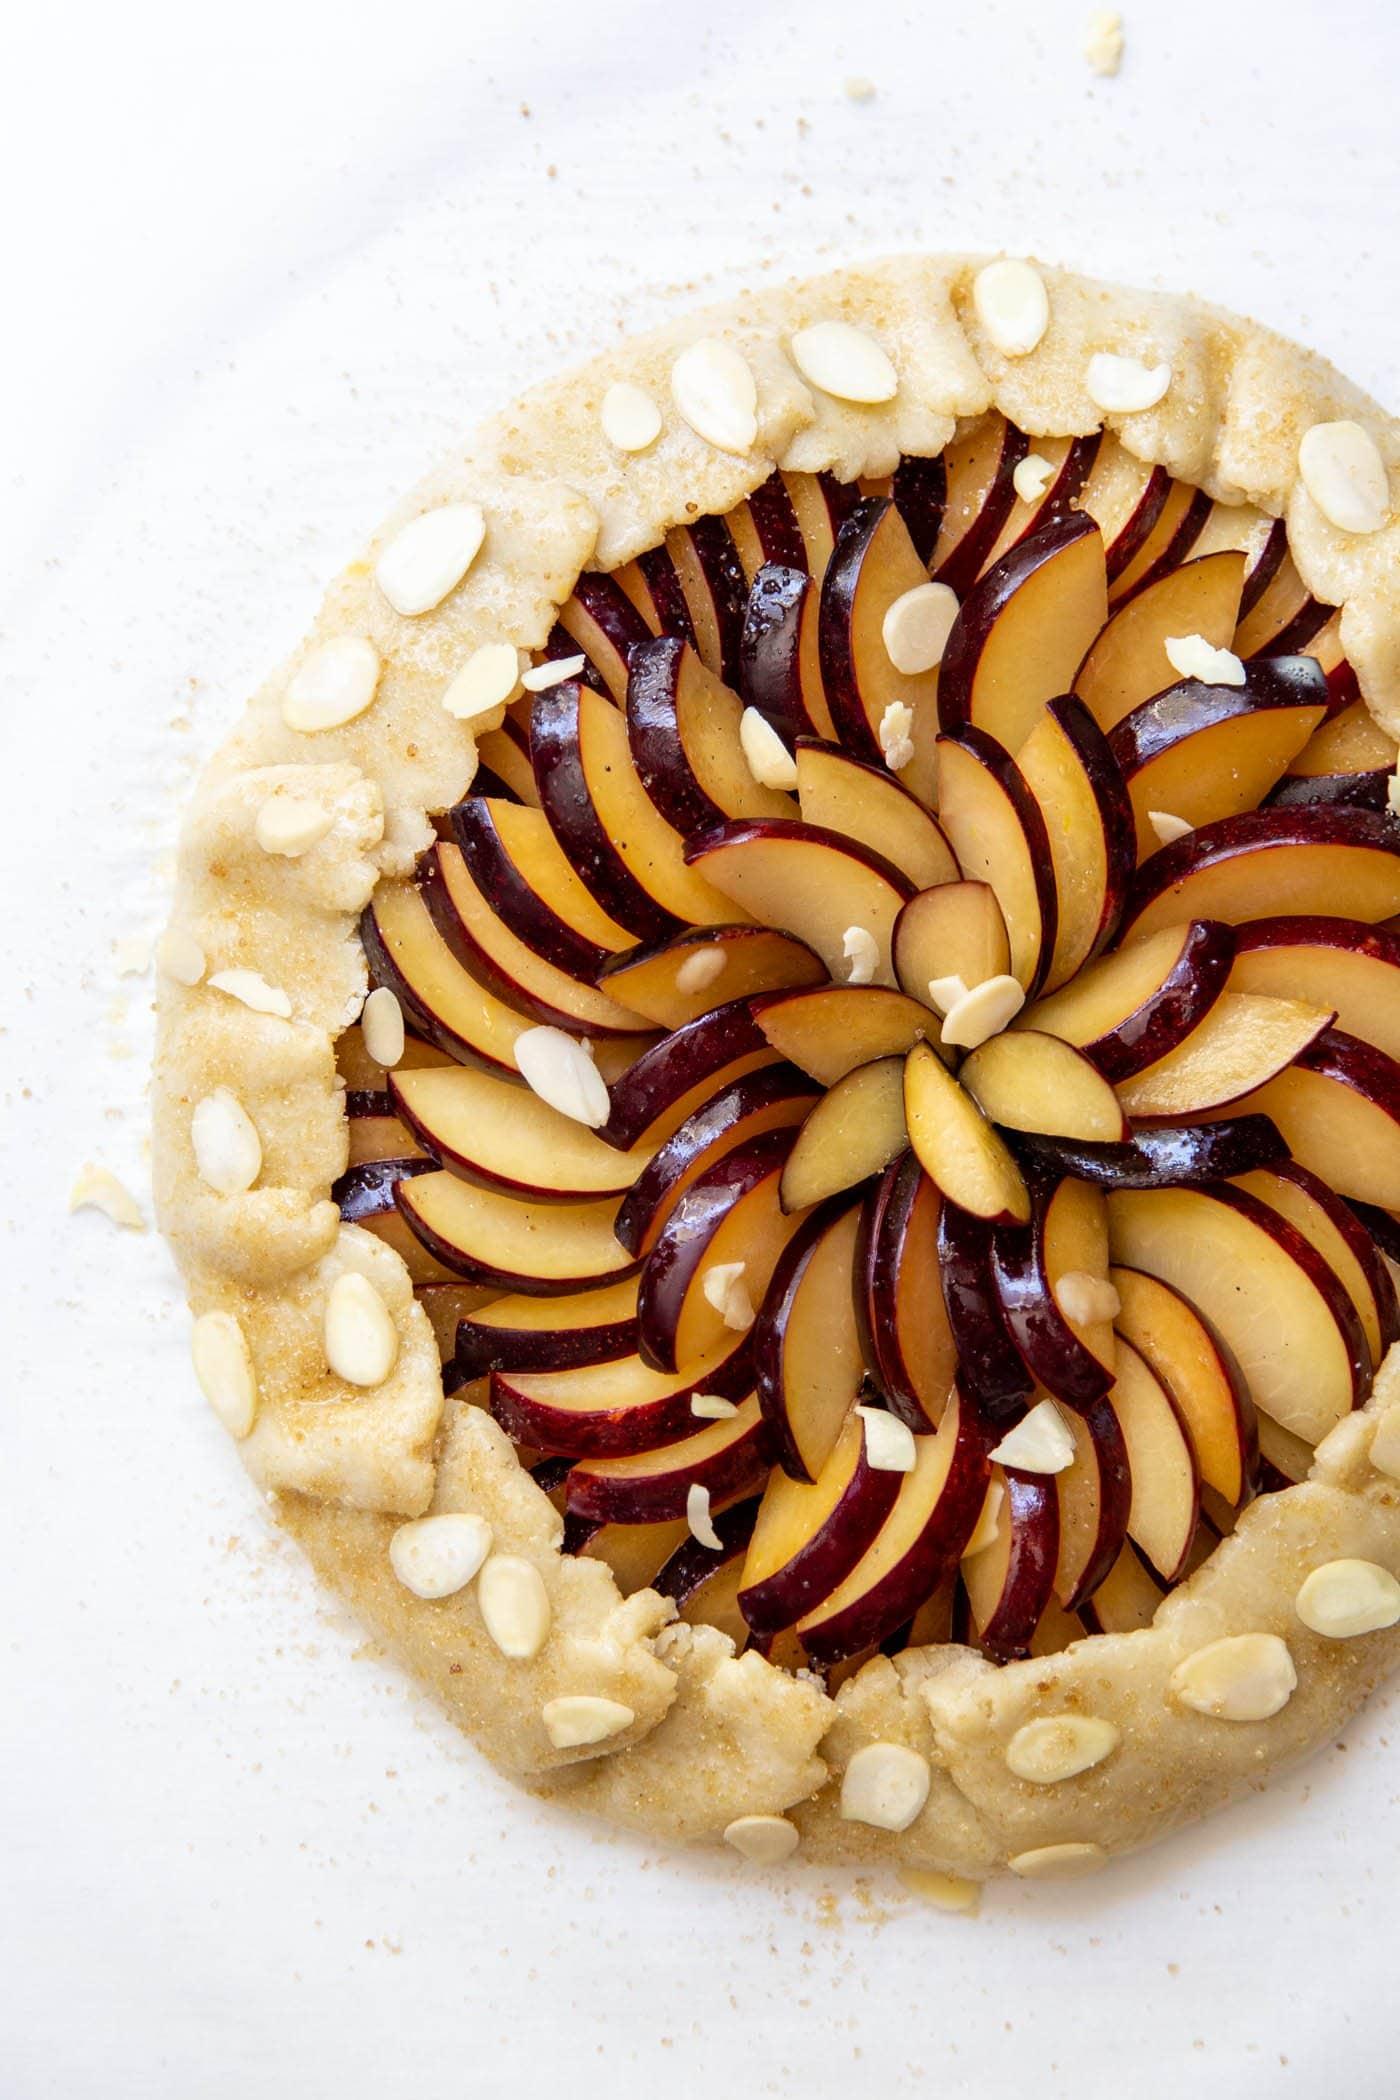 Unbaked plum galette